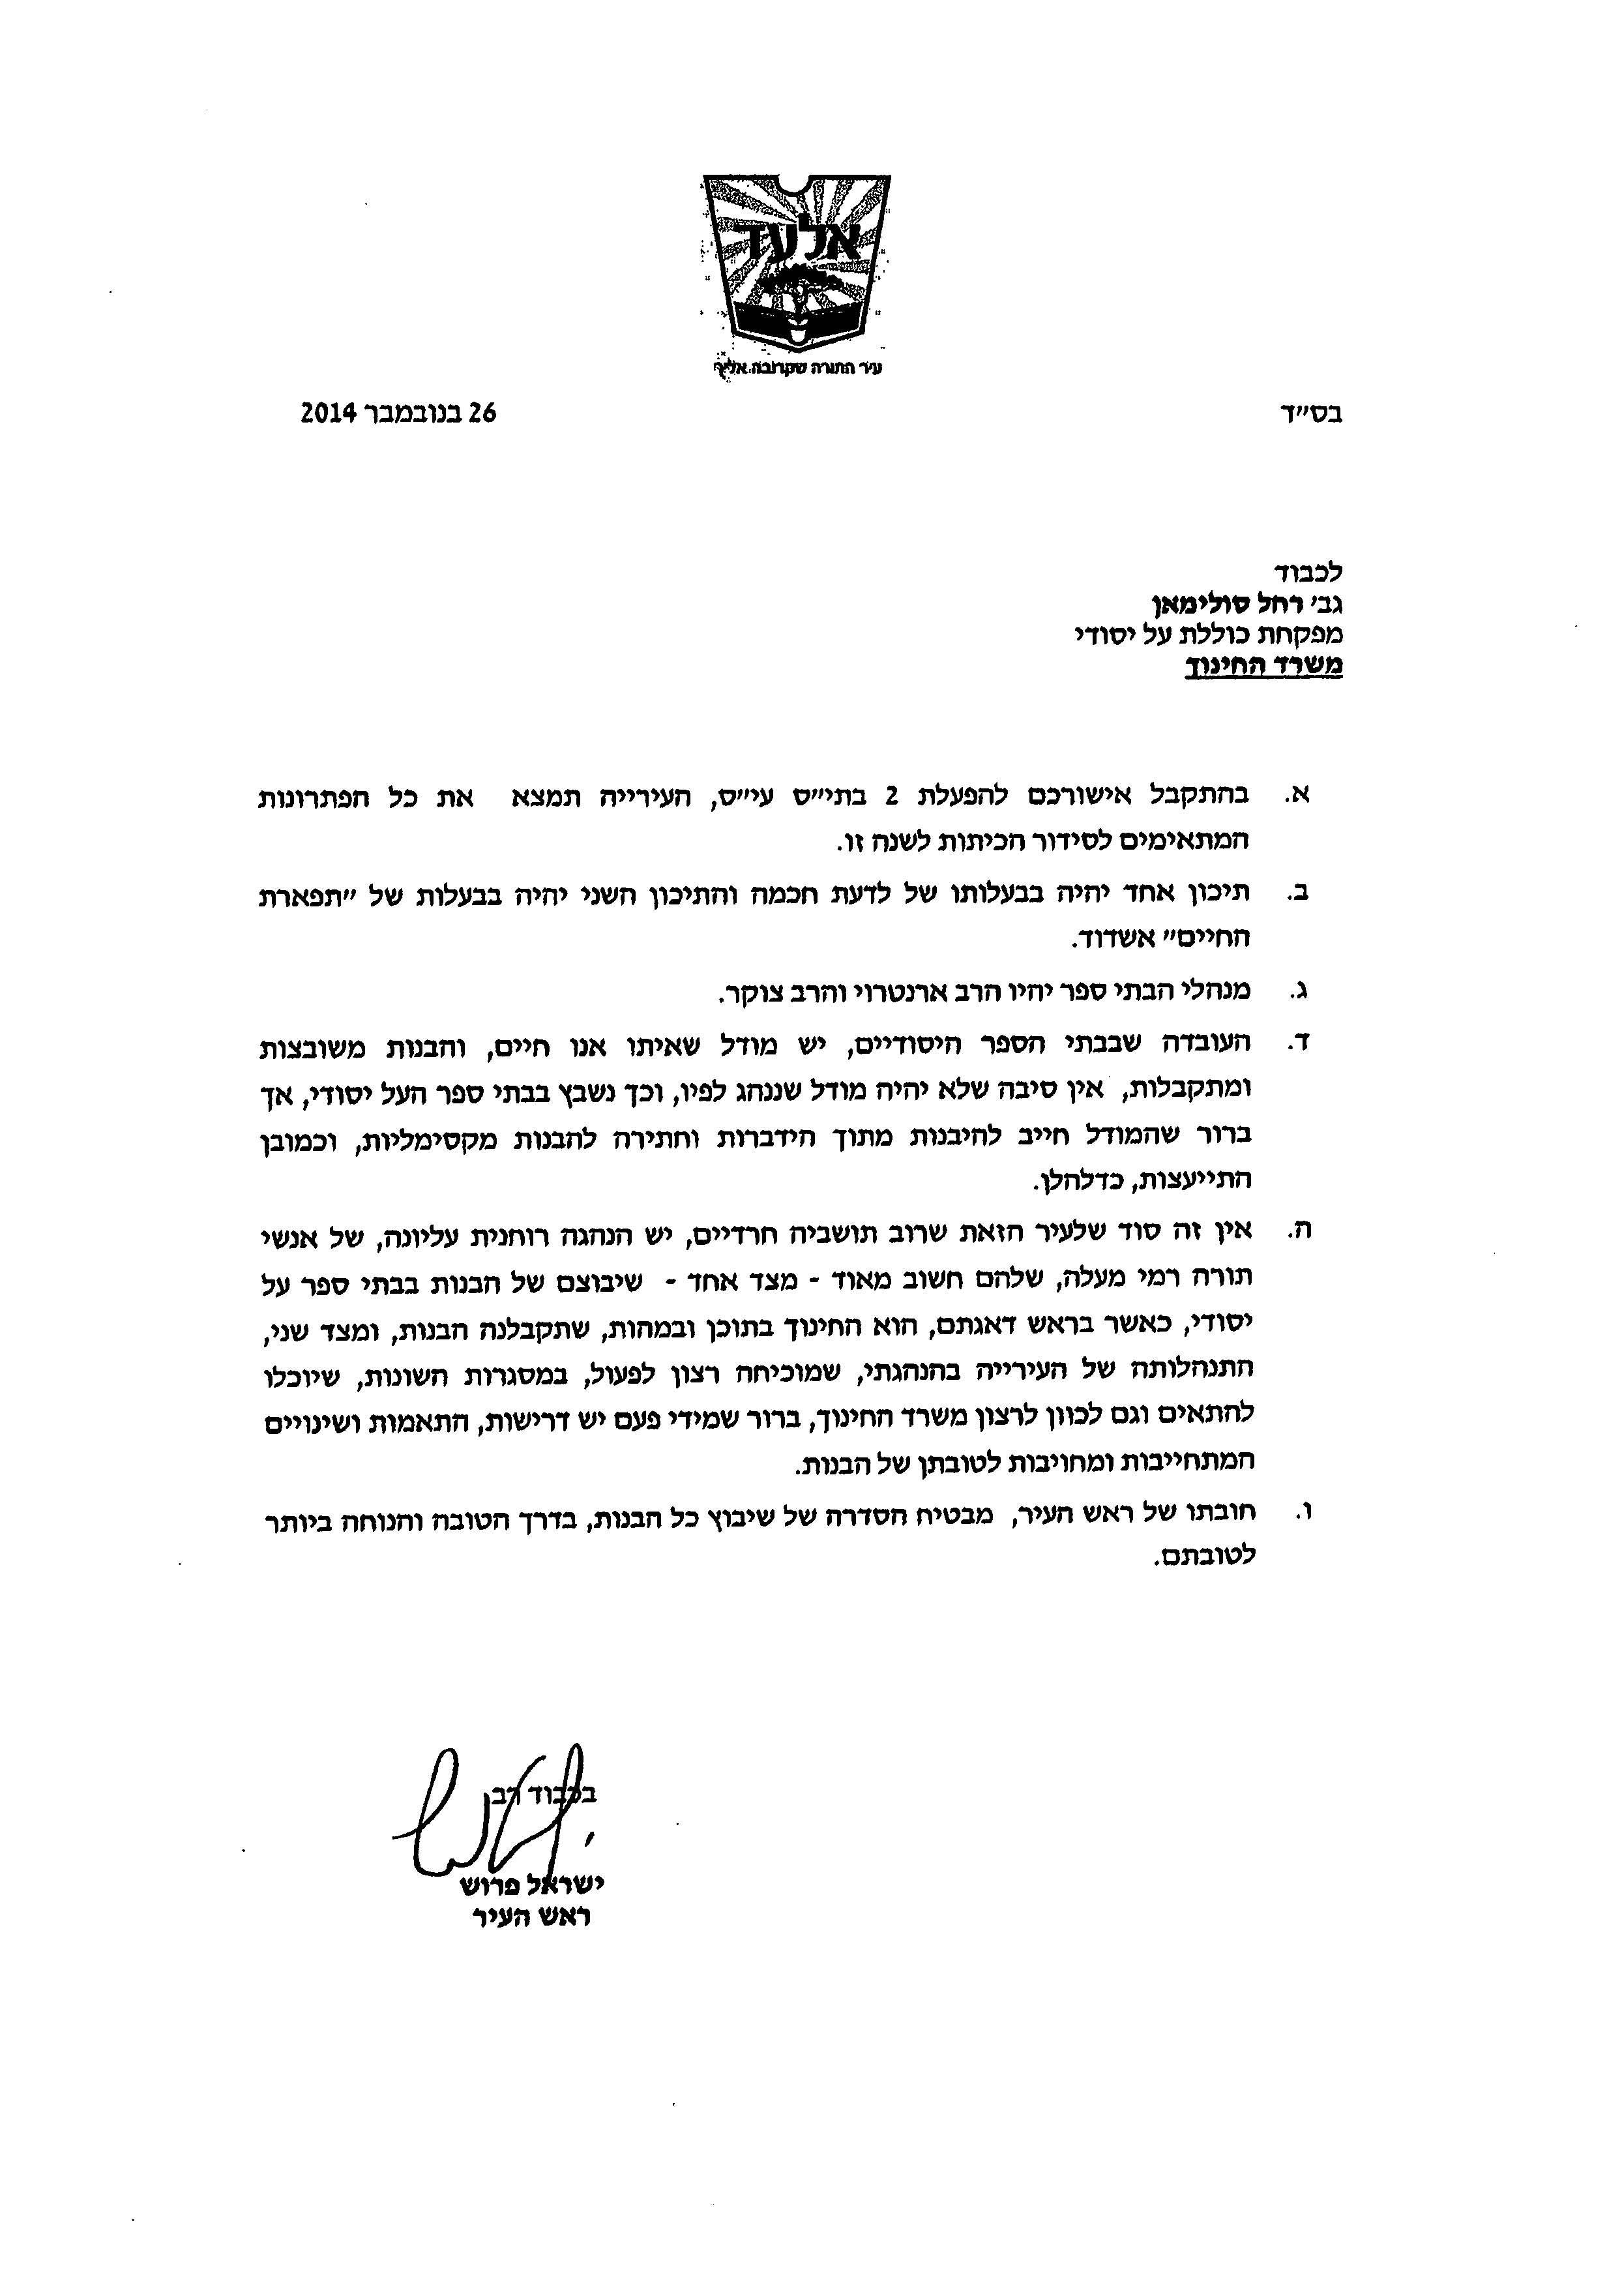 מכתב ראש העיר